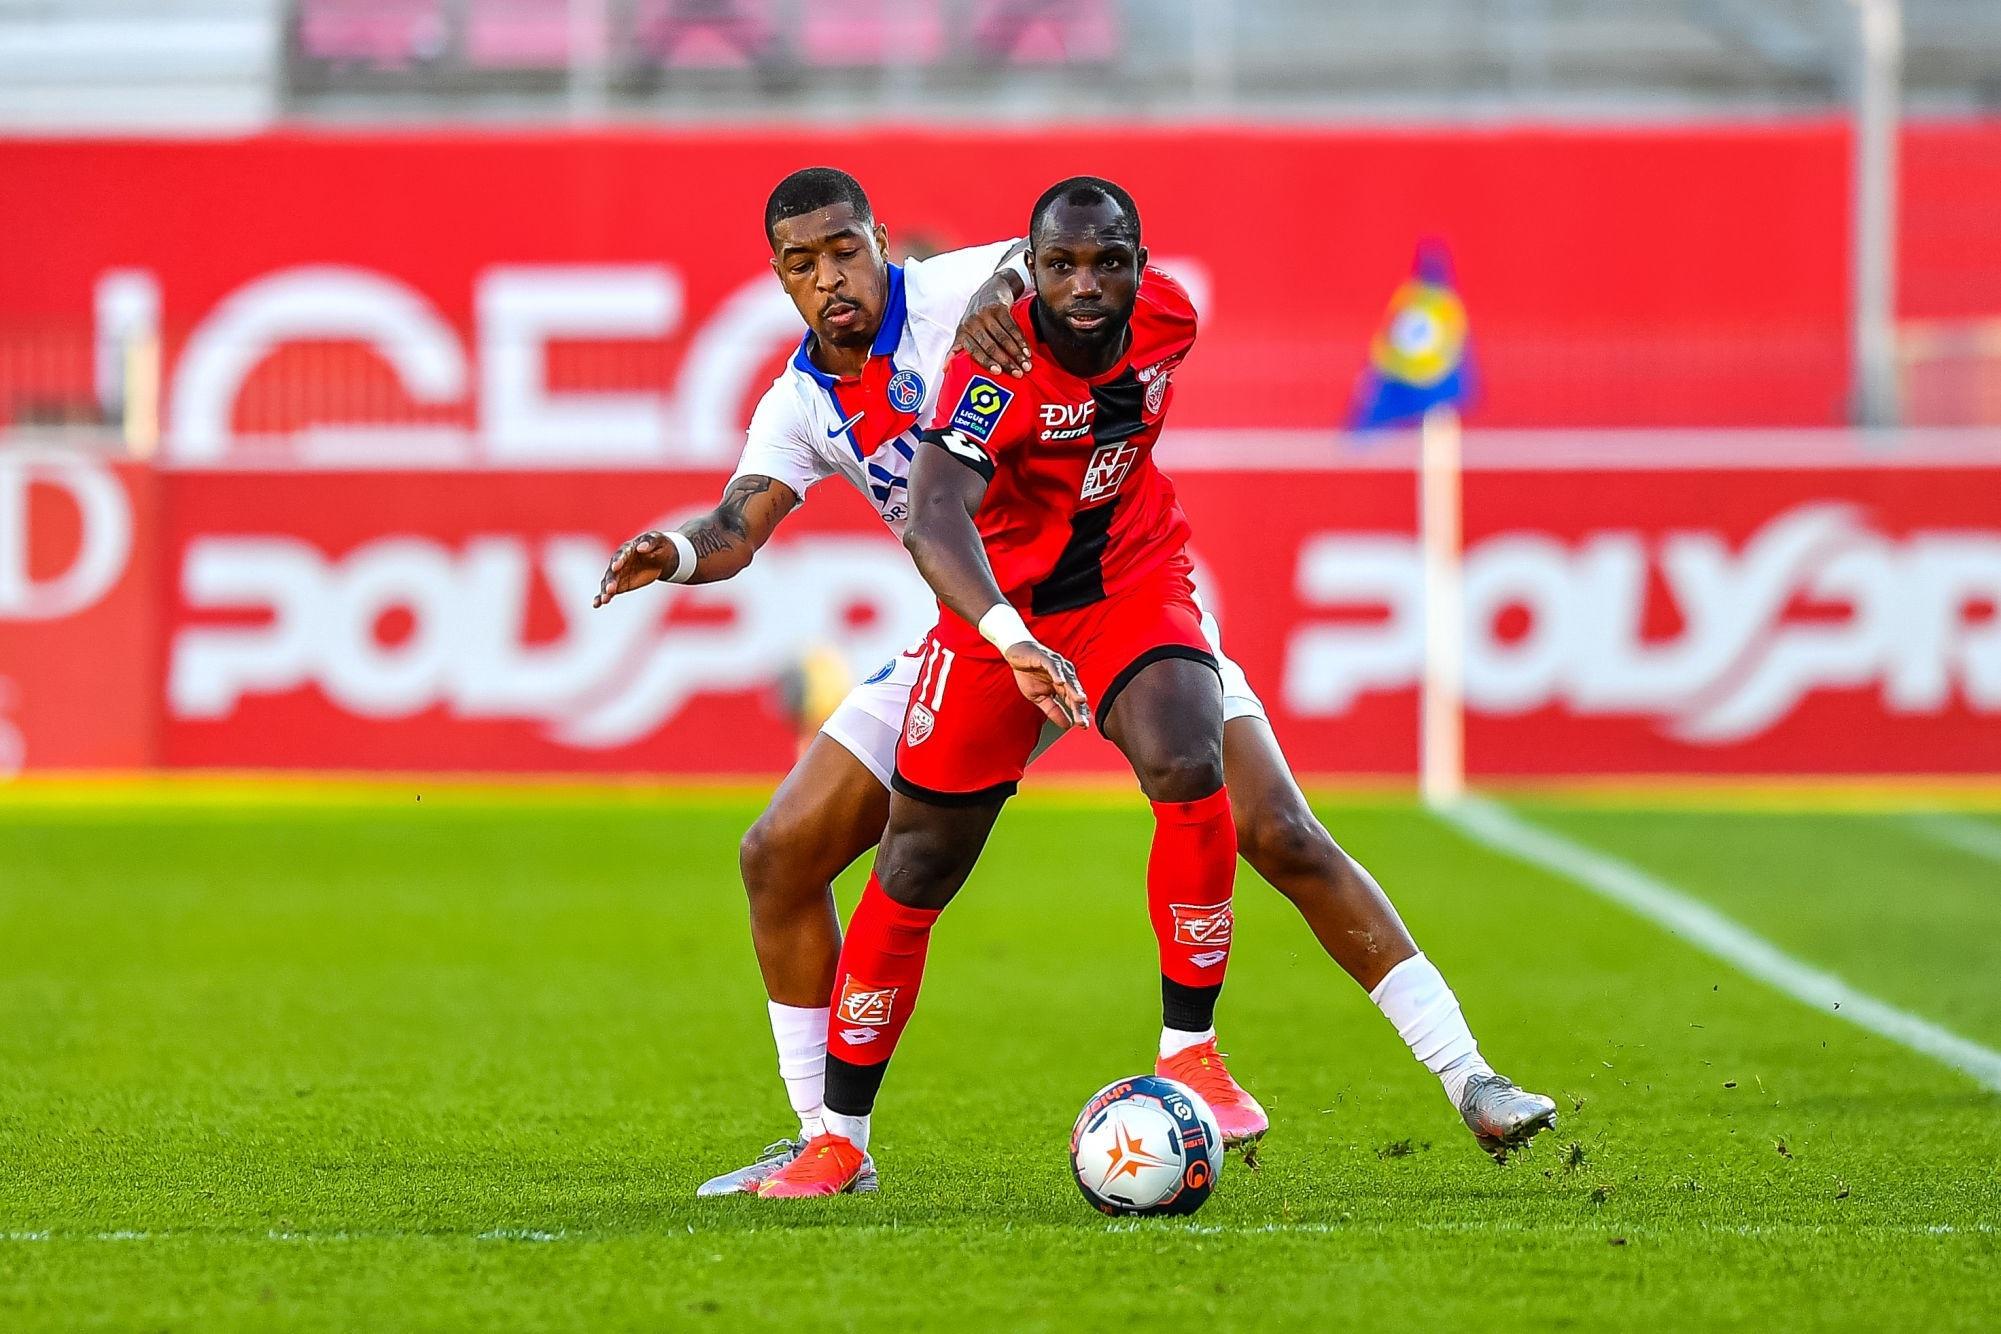 """Dijon/PSG - Konaté souligne """"on a tous vu que Paris est une grande équipe."""""""